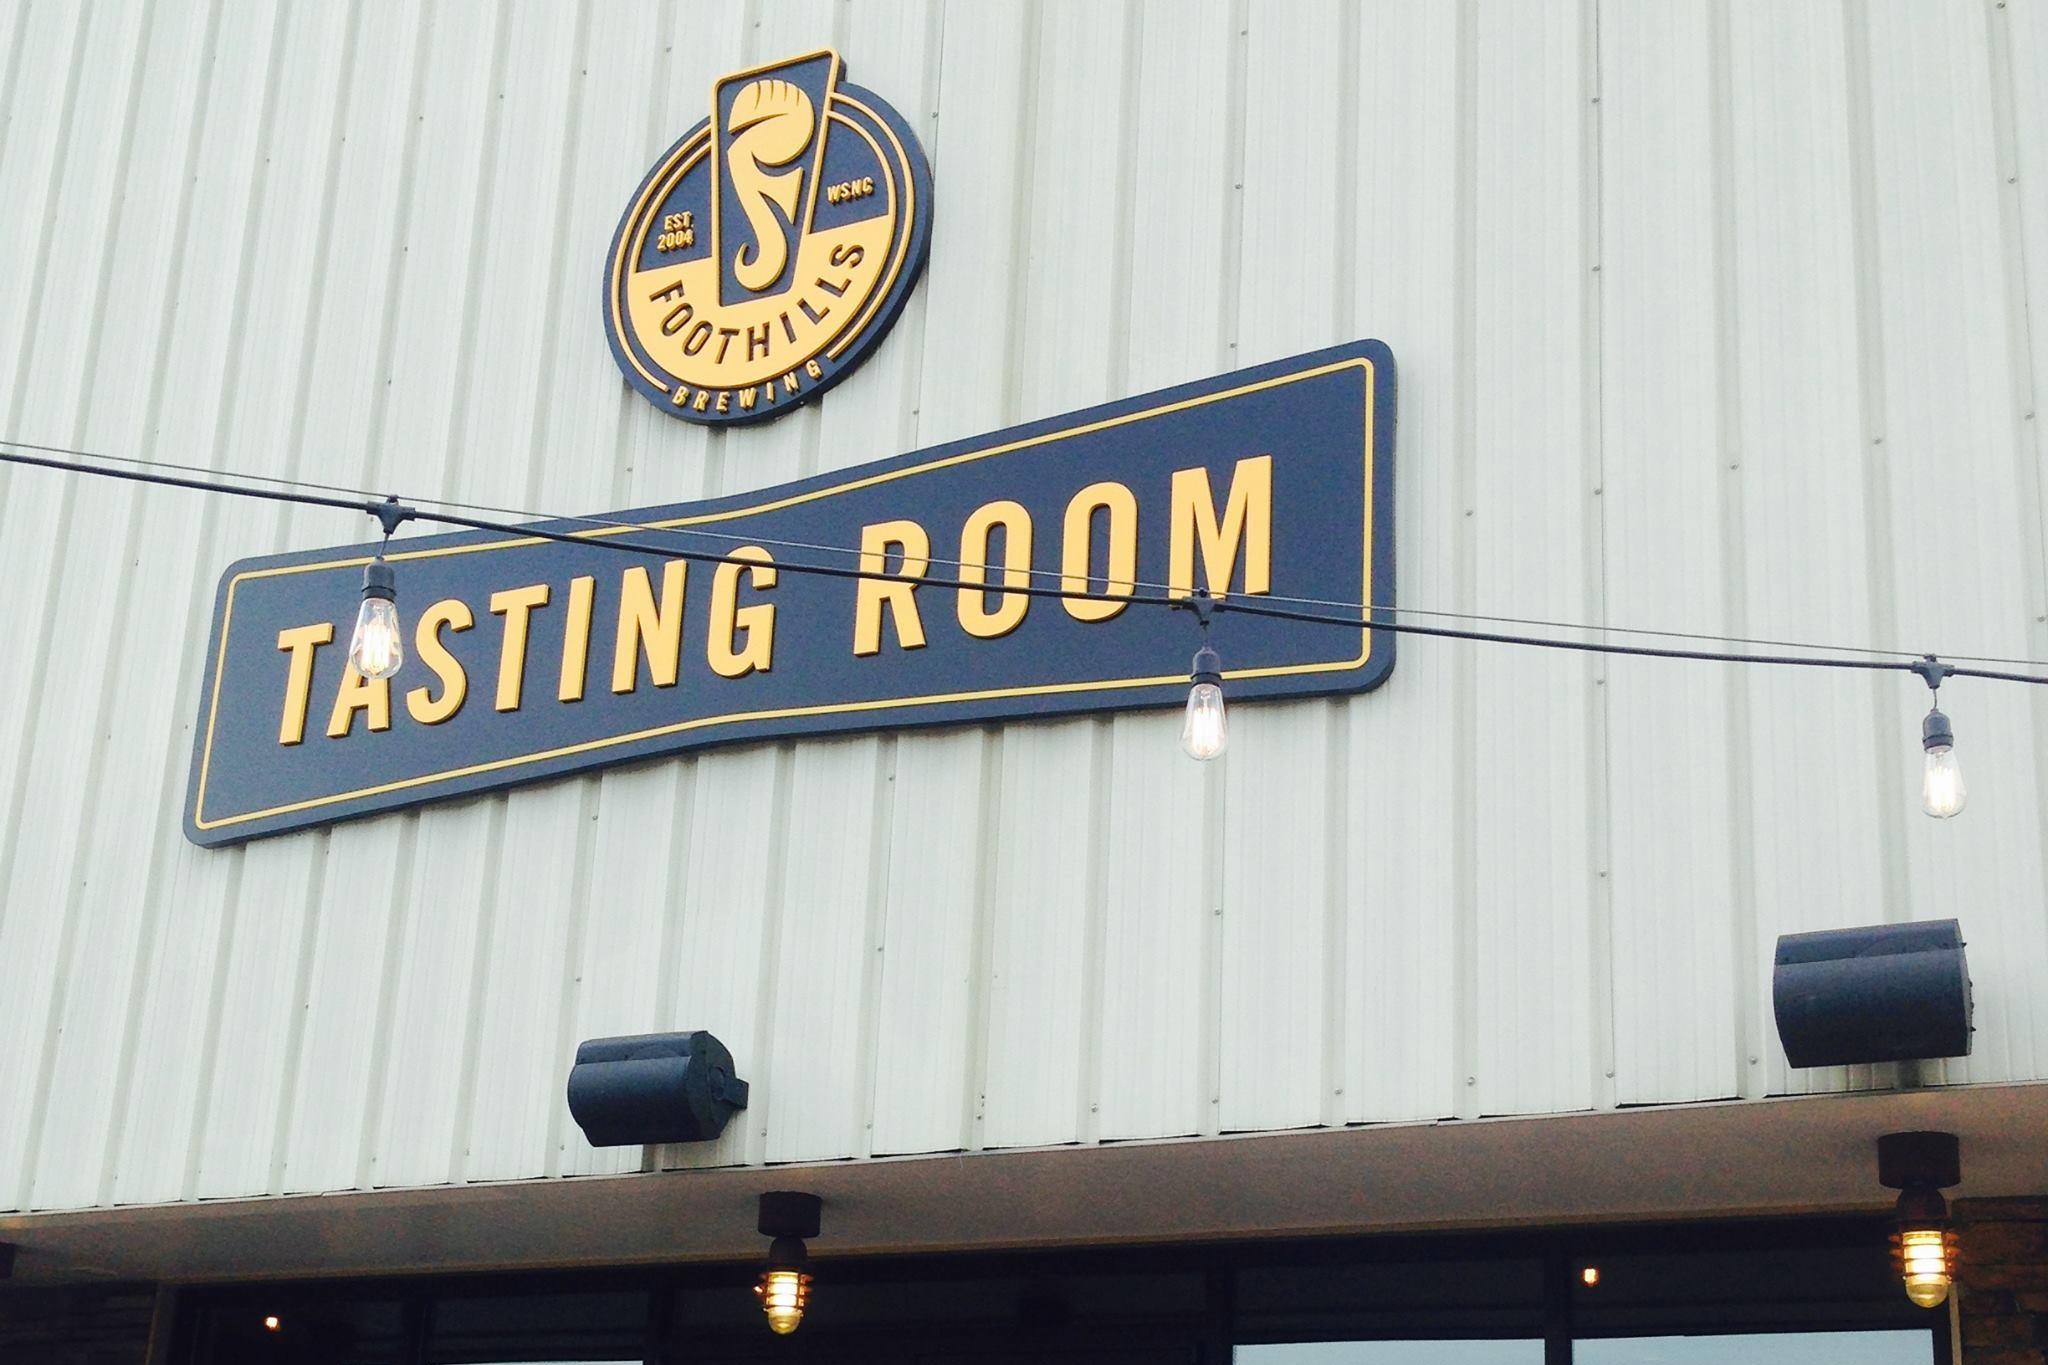 Foothills tasting room on Kimwell Drive.